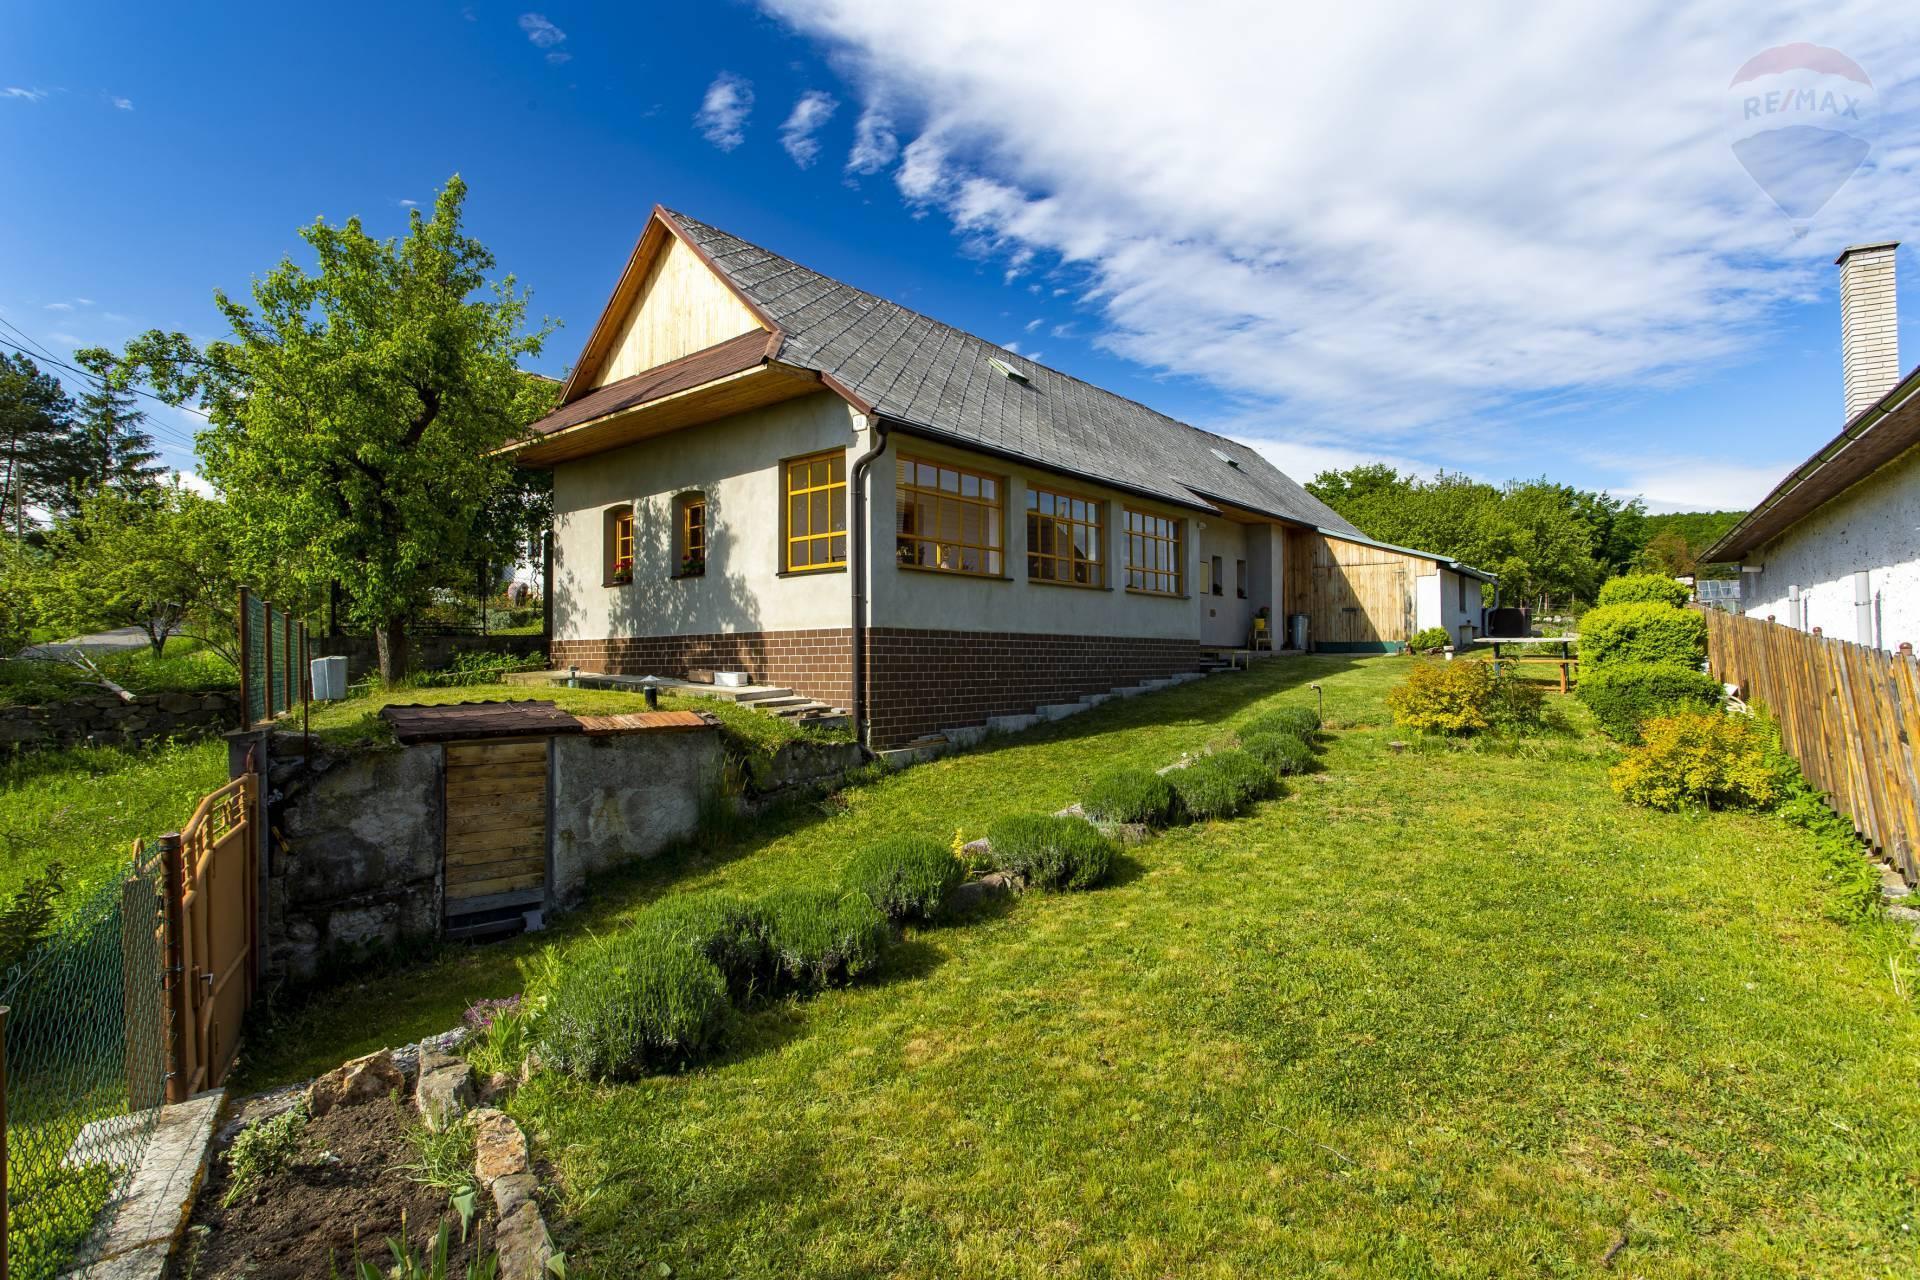 PREDAJ: Krásny vidiecky dom100m2 so záhradou, obec Slaská, Žiari nad Hronom